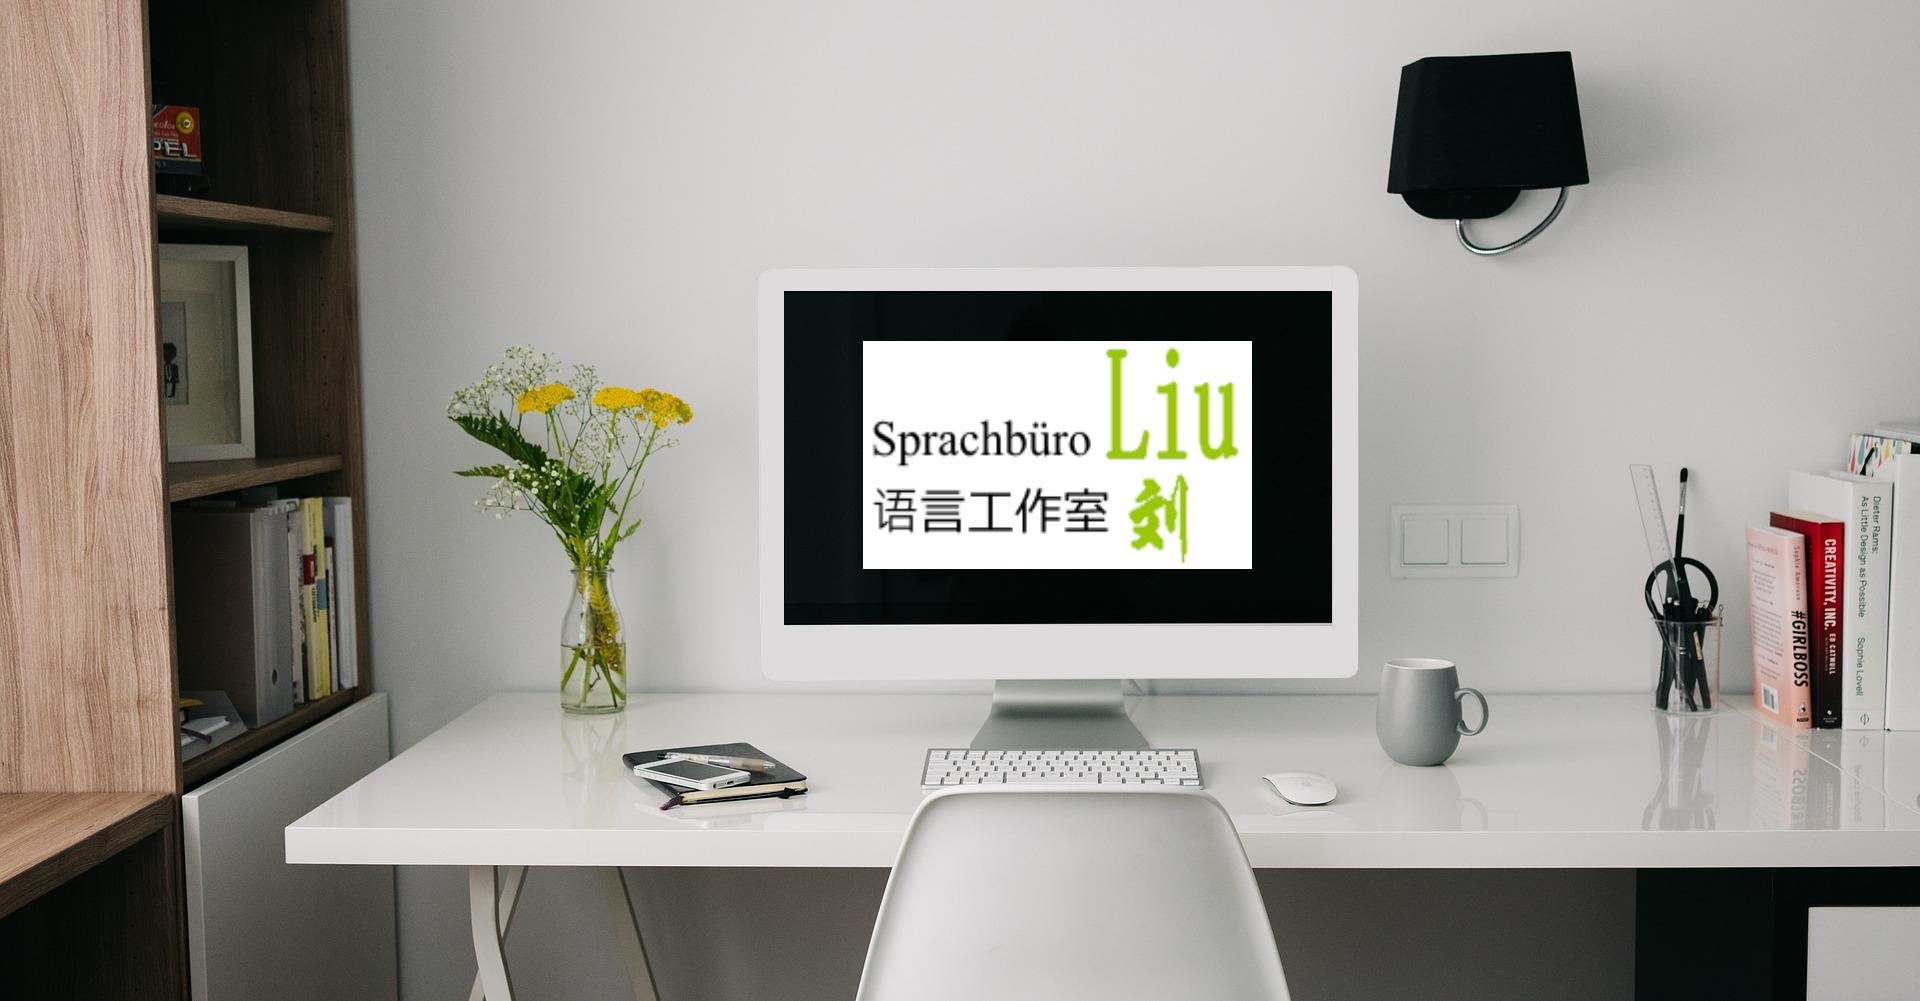 Sprachbüro Liu Startseite